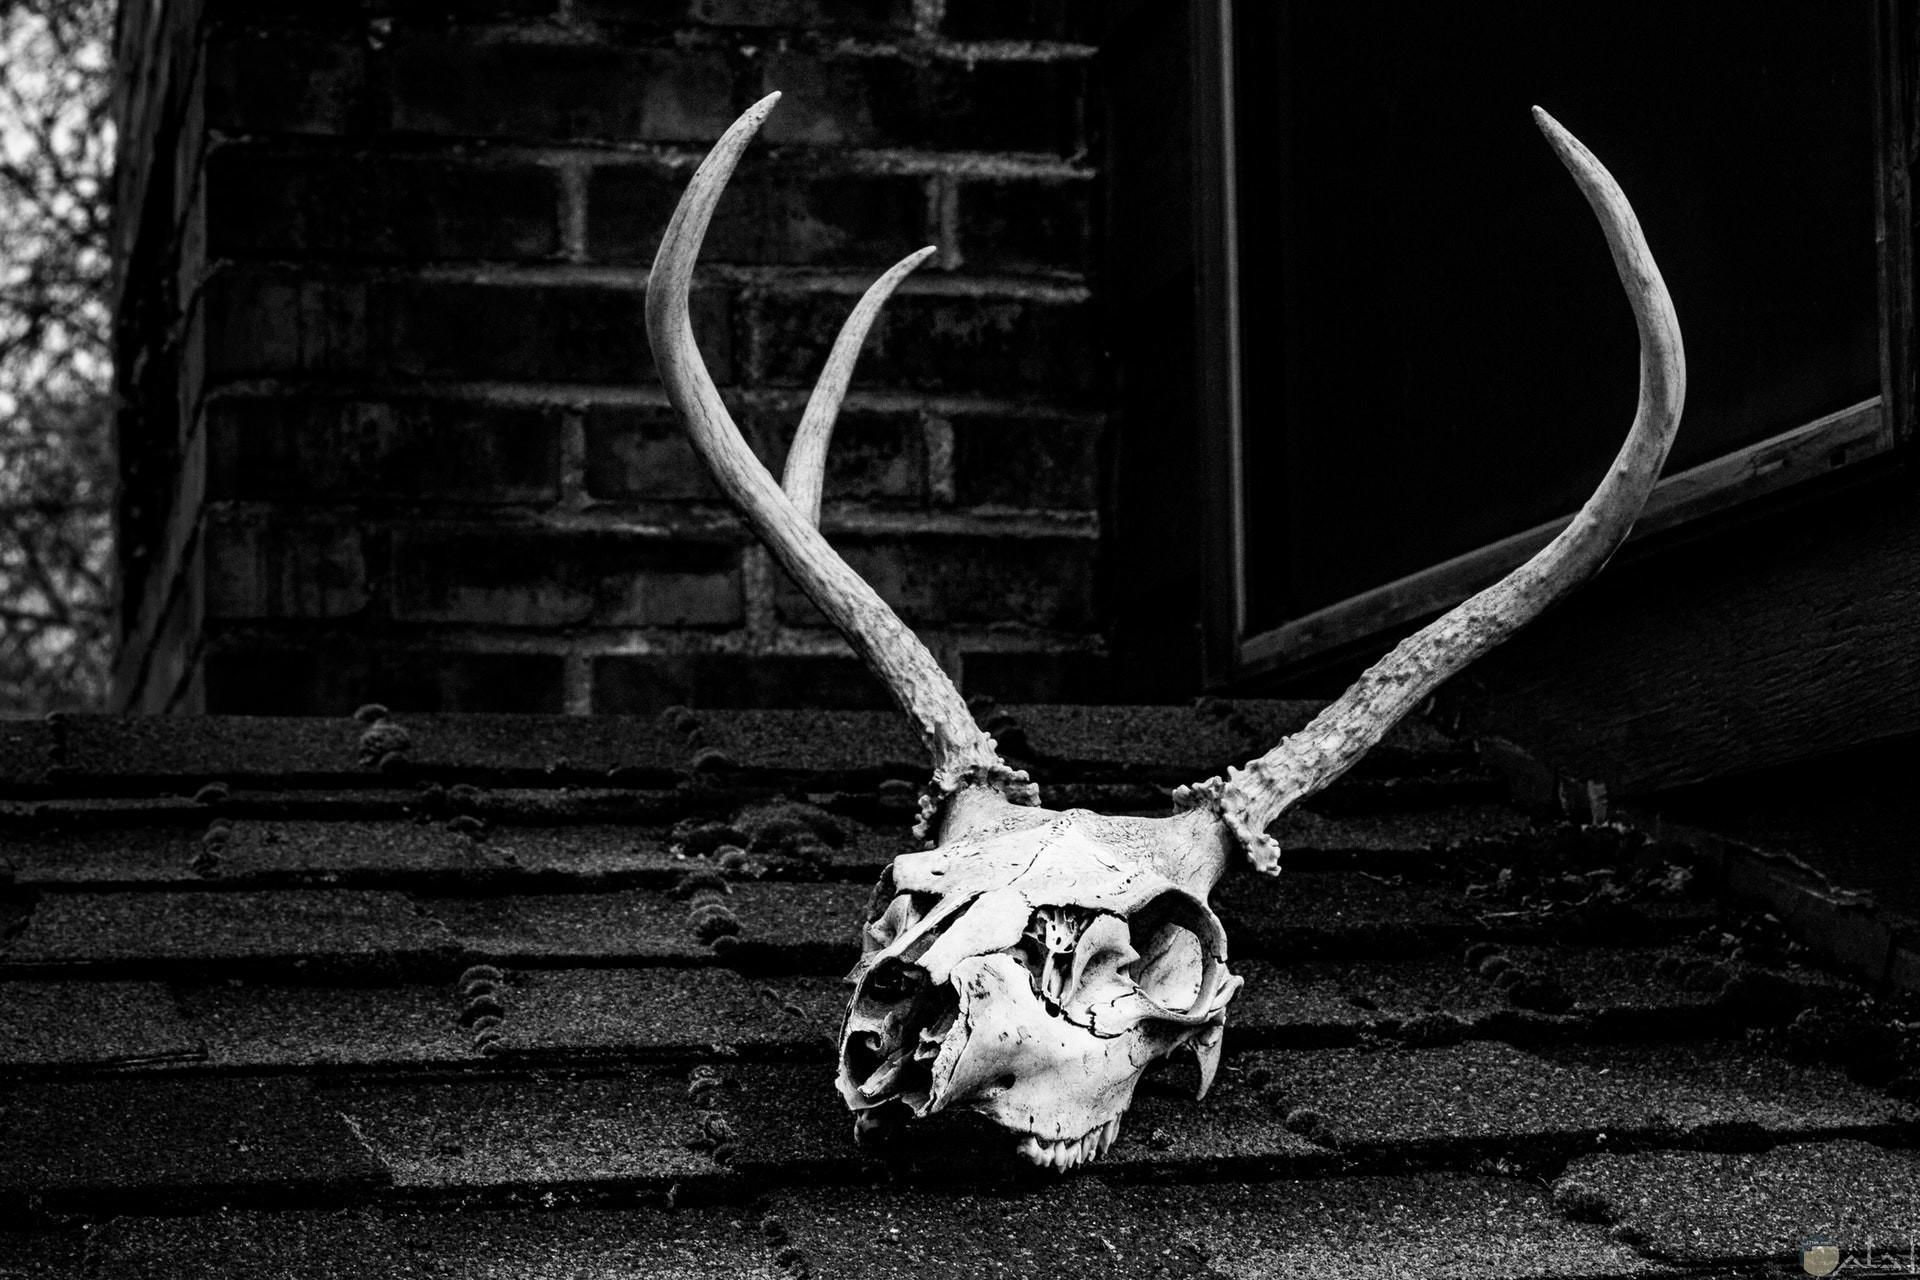 صورة رعب لجمجمة حيوان مخيفة في مكان مرعب